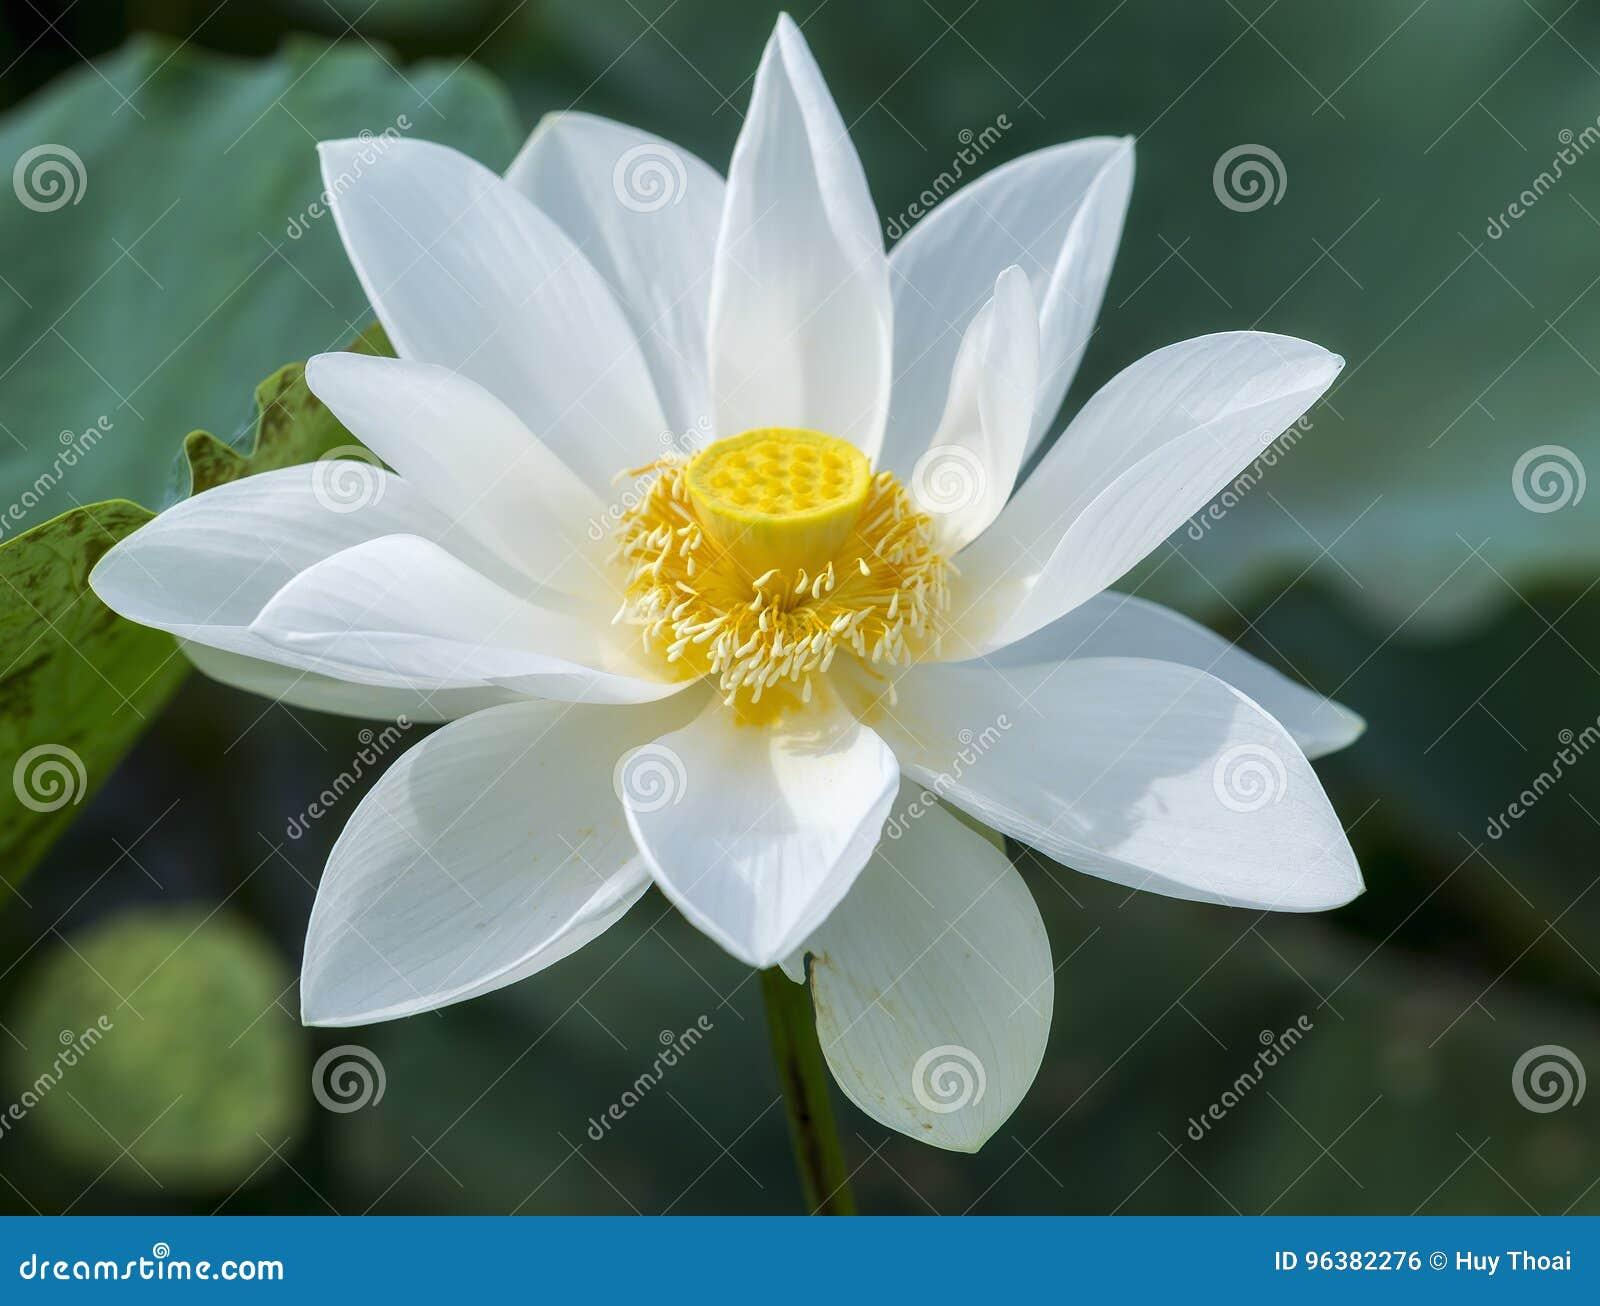 Het witte lotusbloem zuivere tot bloei komen in de vijver